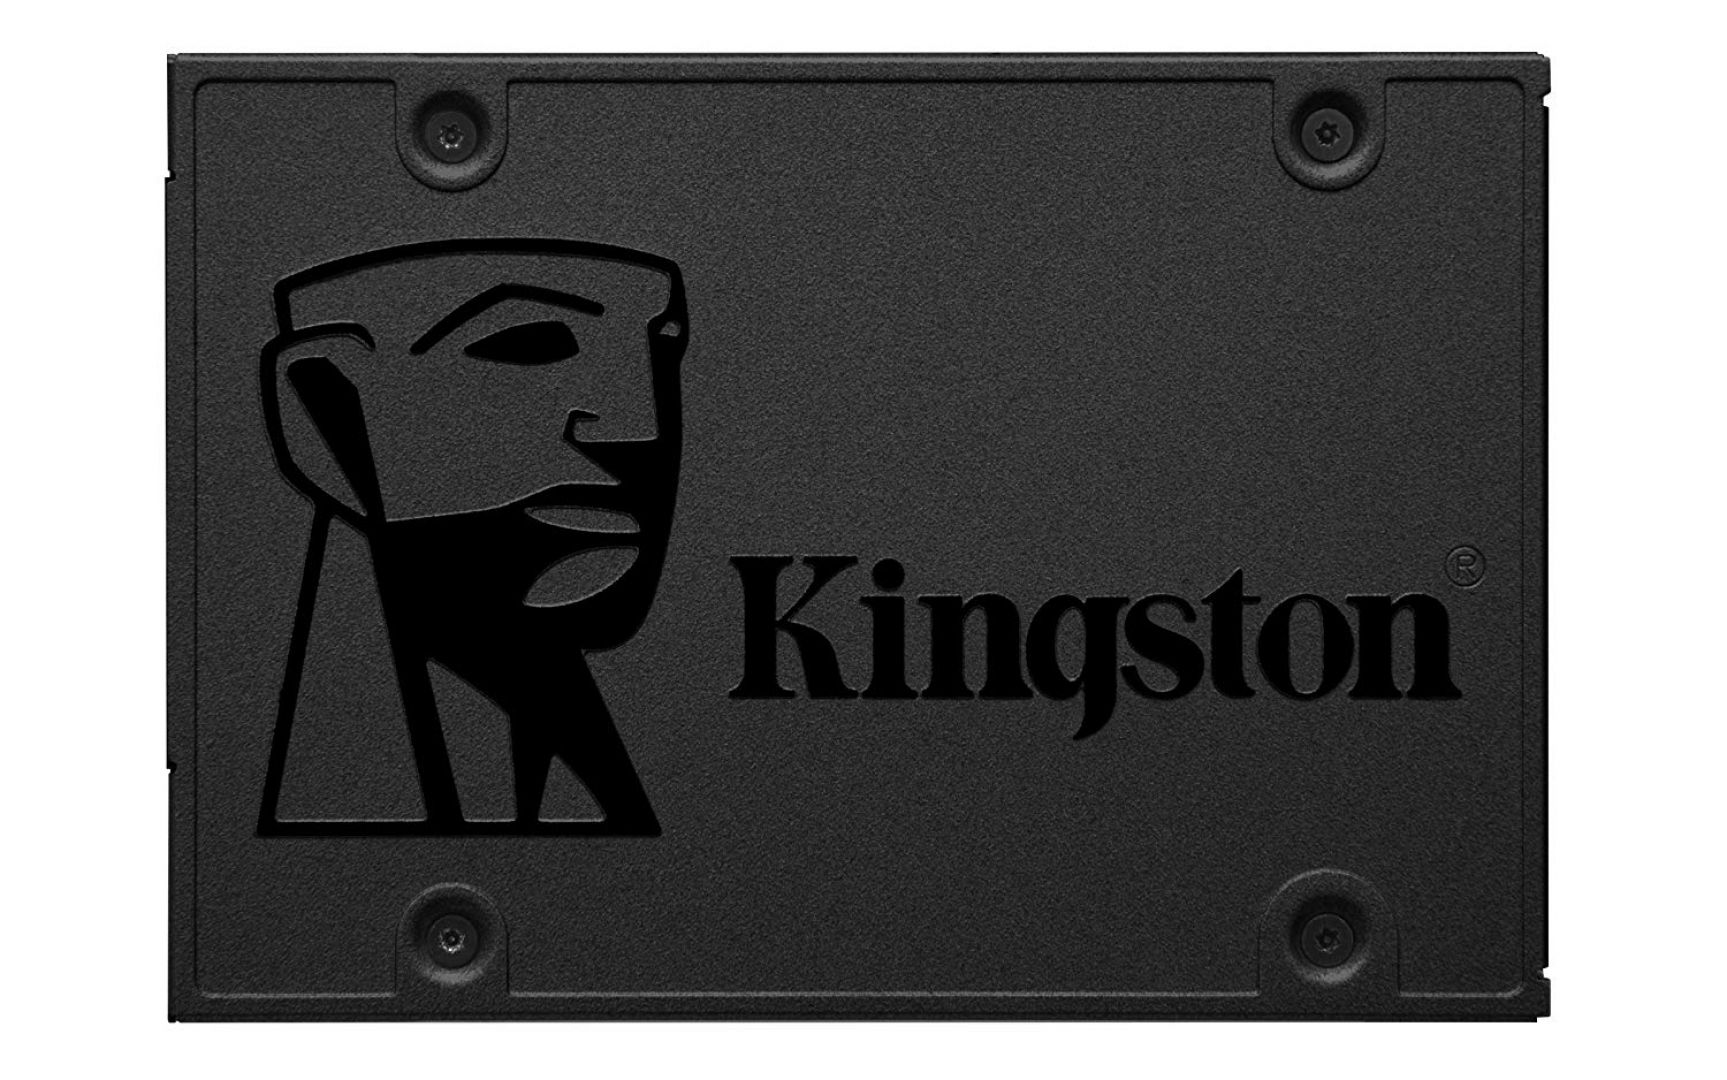 Kingston SA400S37/240G product image.